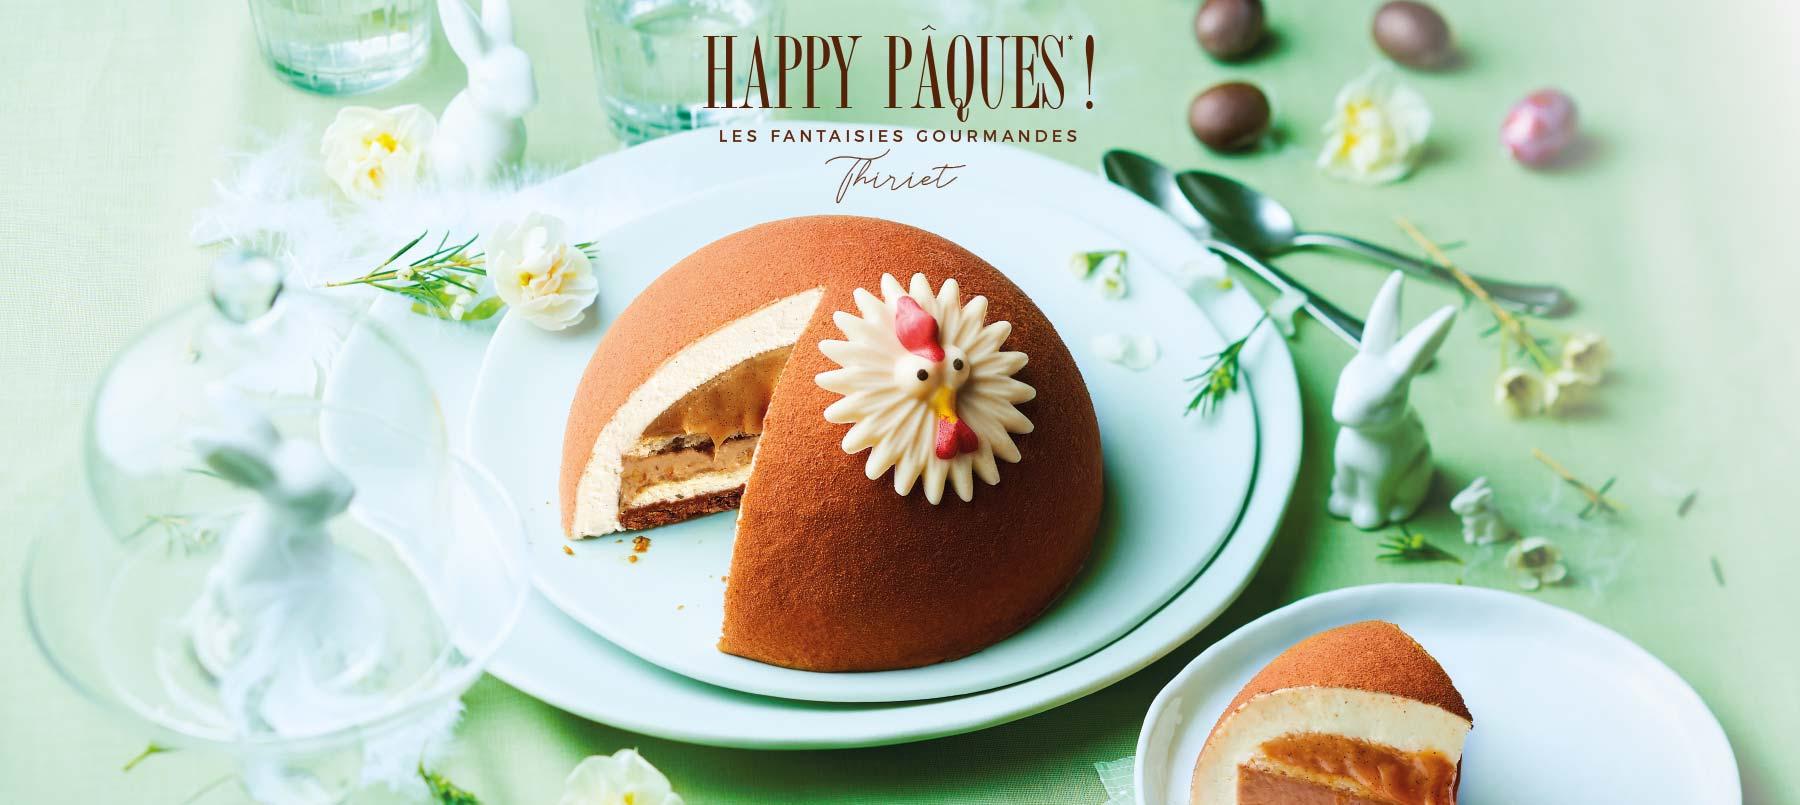 Happy Pâques ! Les fantaisies gourmandes Thiriet